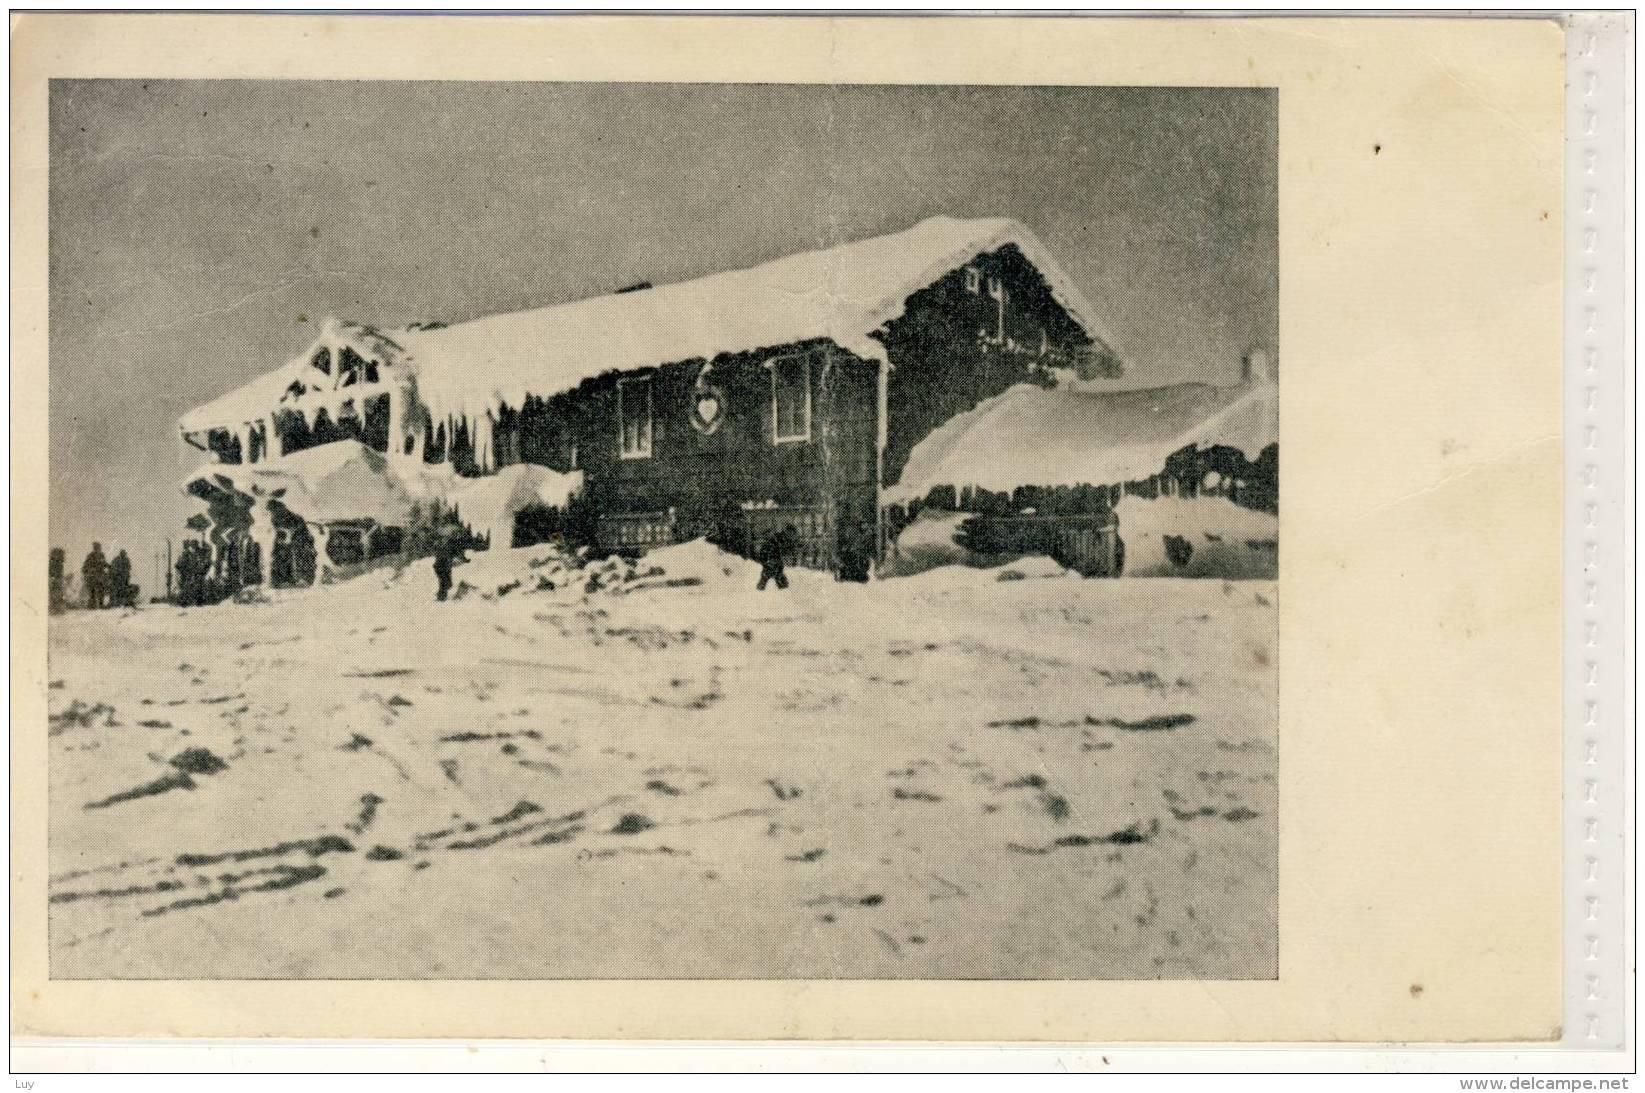 BESKIDEN - Schlesierhaus A.d. Kahlenber, Riesengebirge, Gel. 1944 - Sudeten